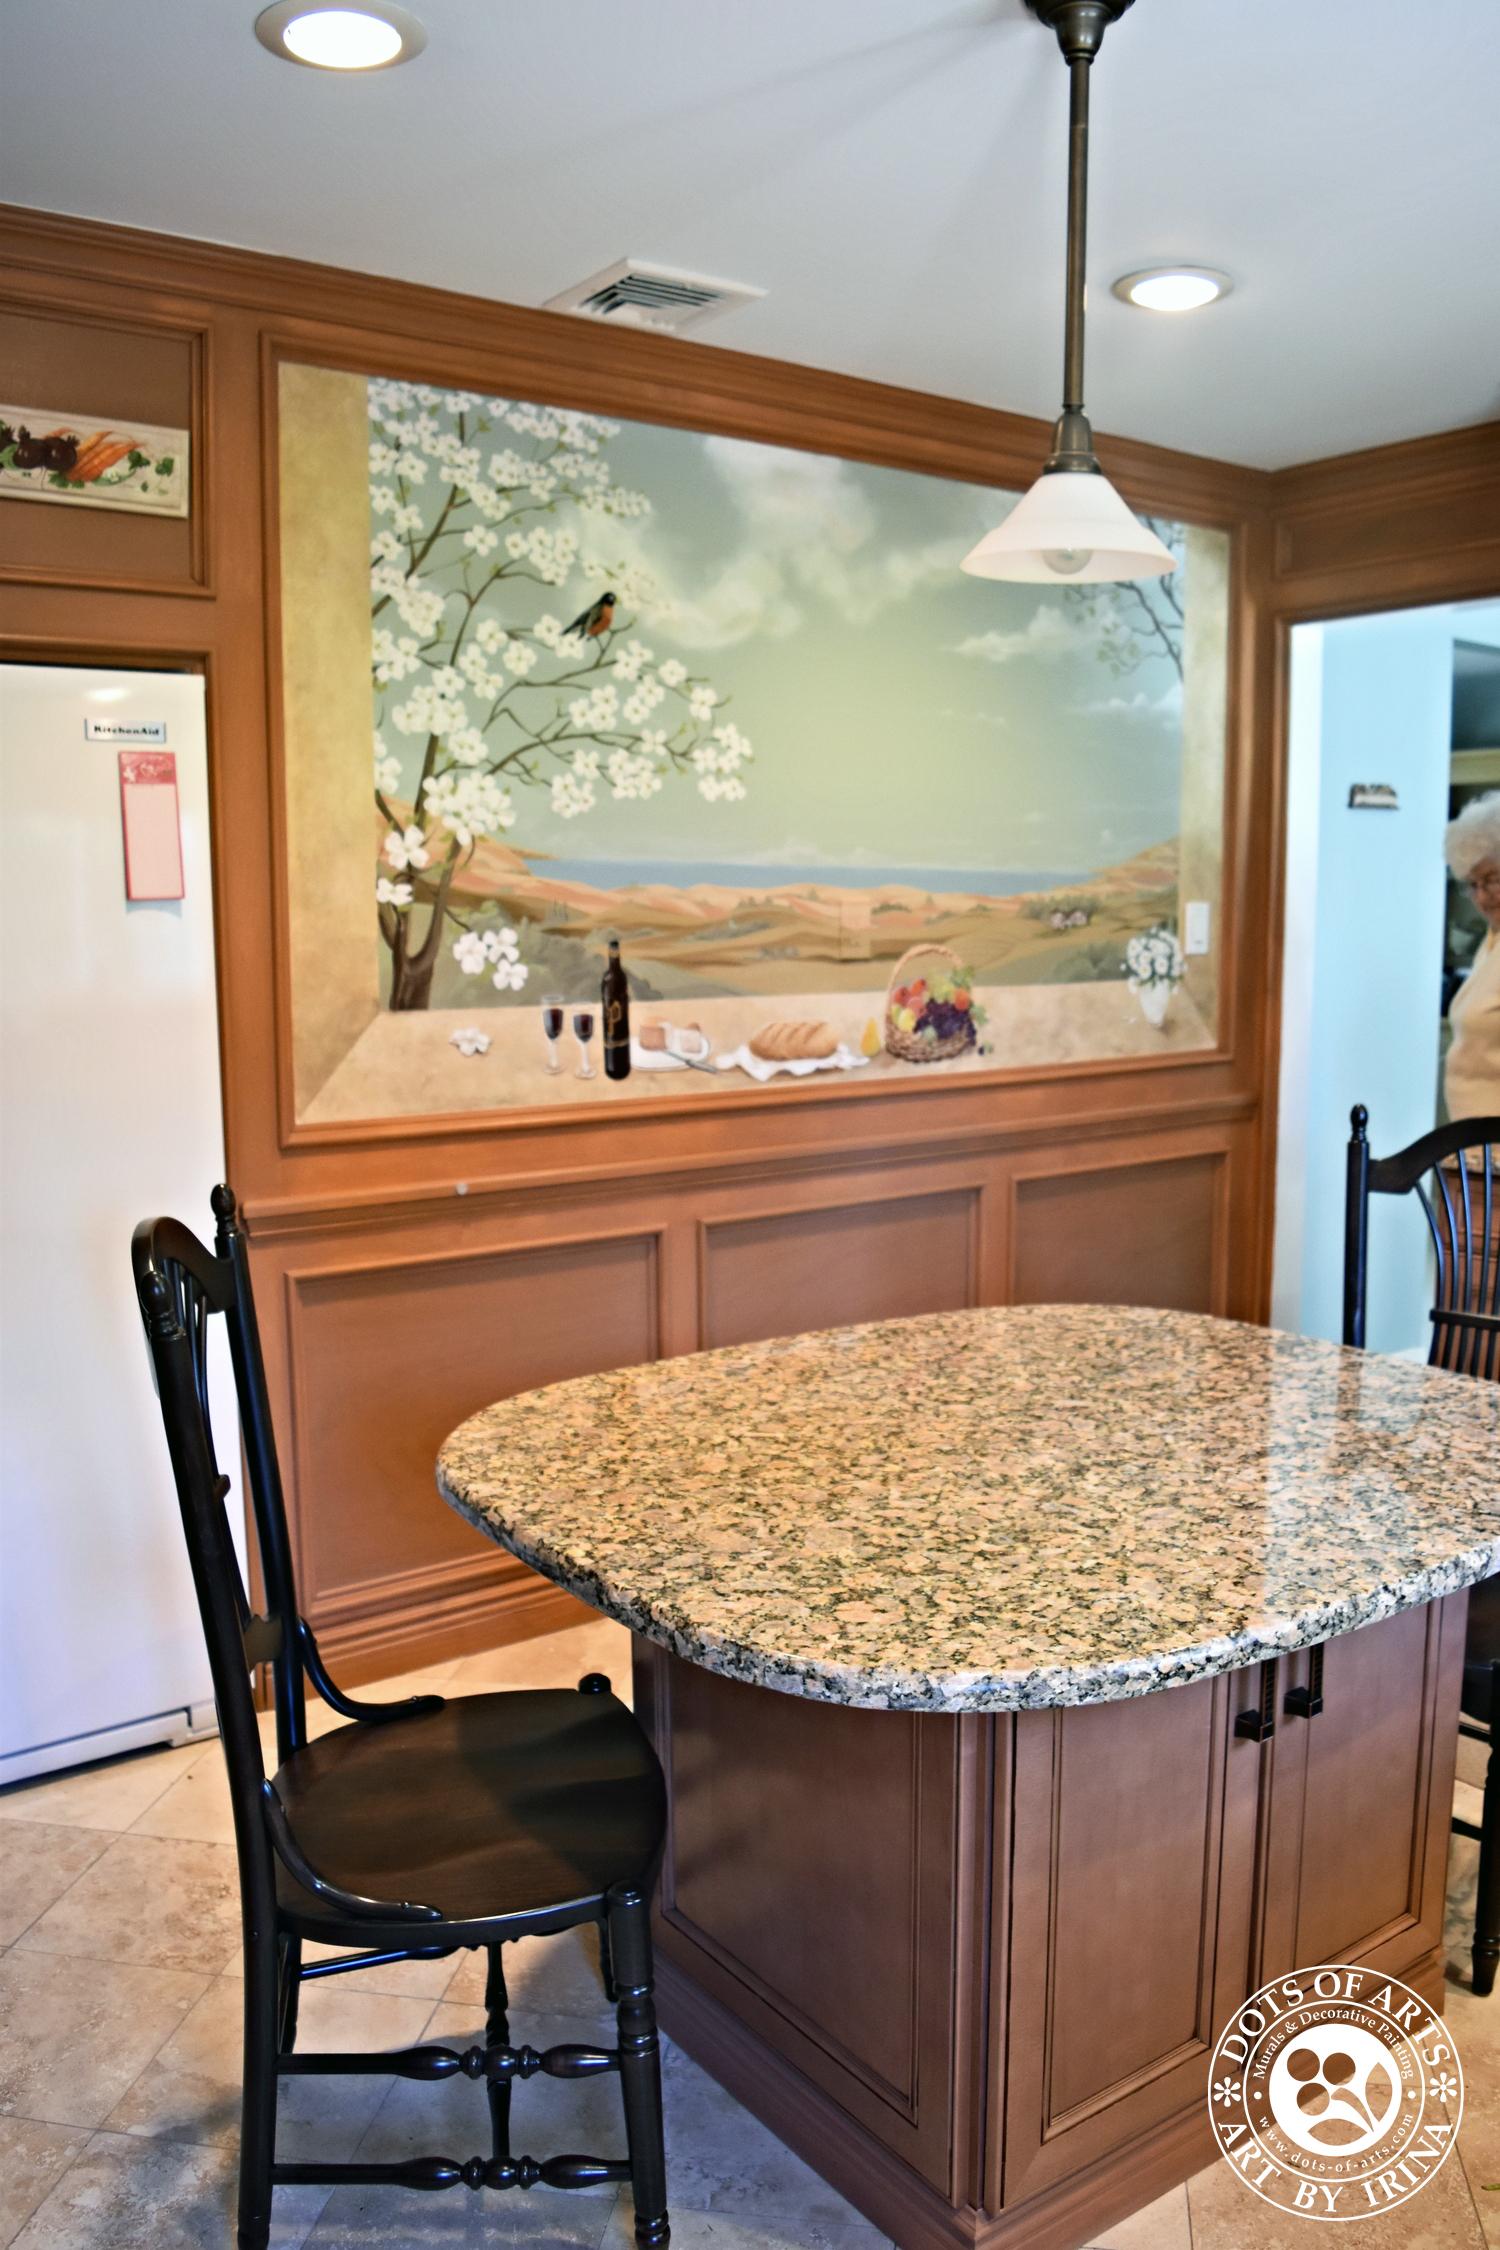 kitchen-mural-full-size-dots-of-arts-full-room.jpg